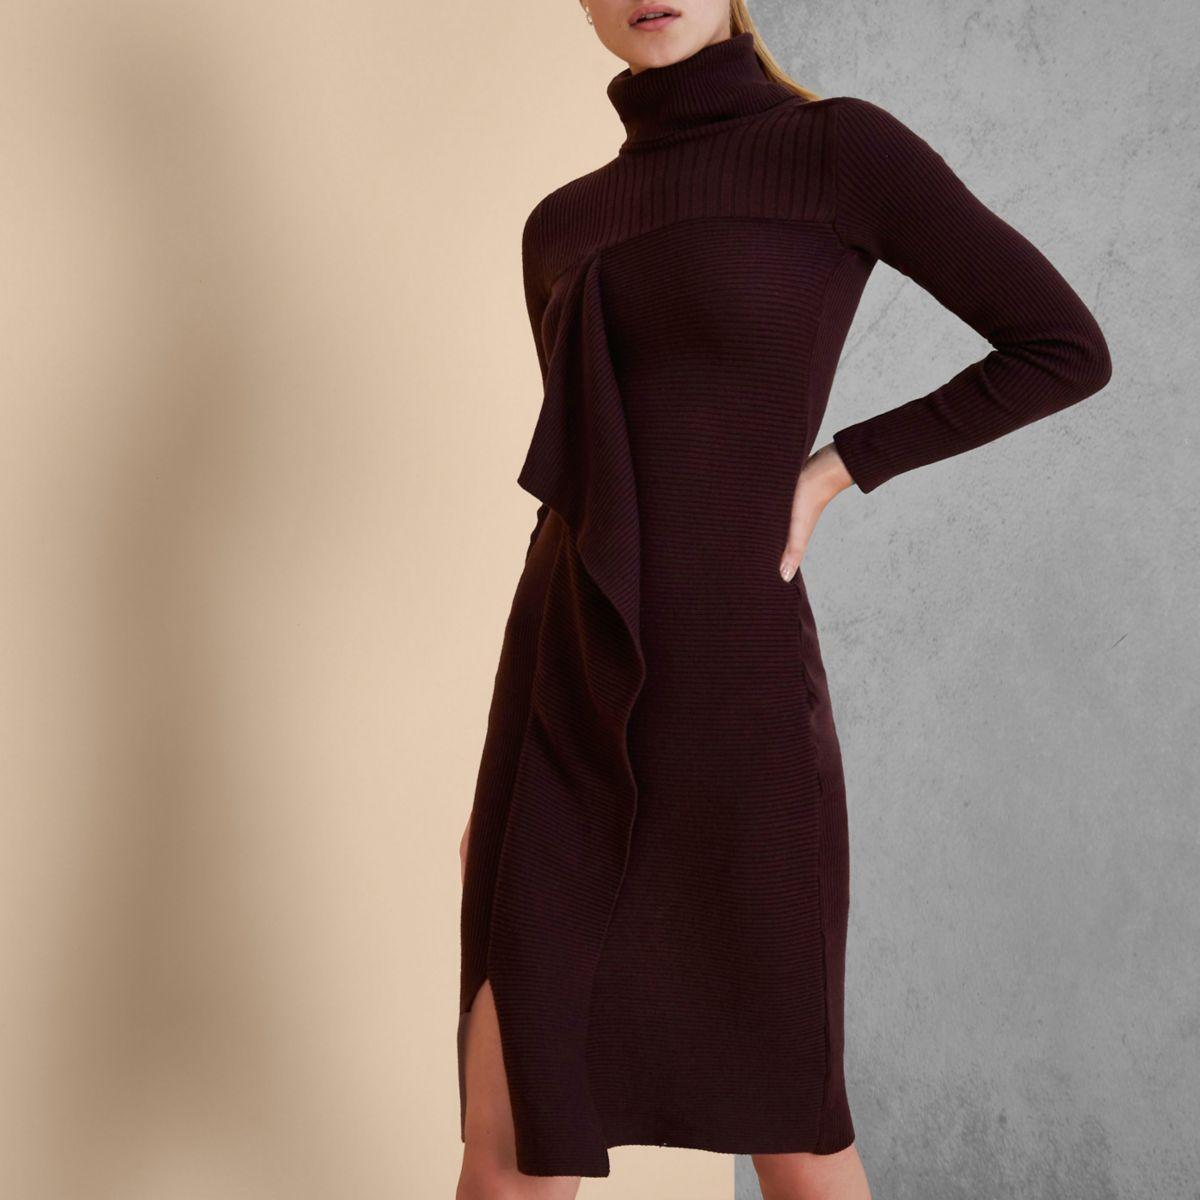 Burgundy RI Studio knit rib roll neck dress